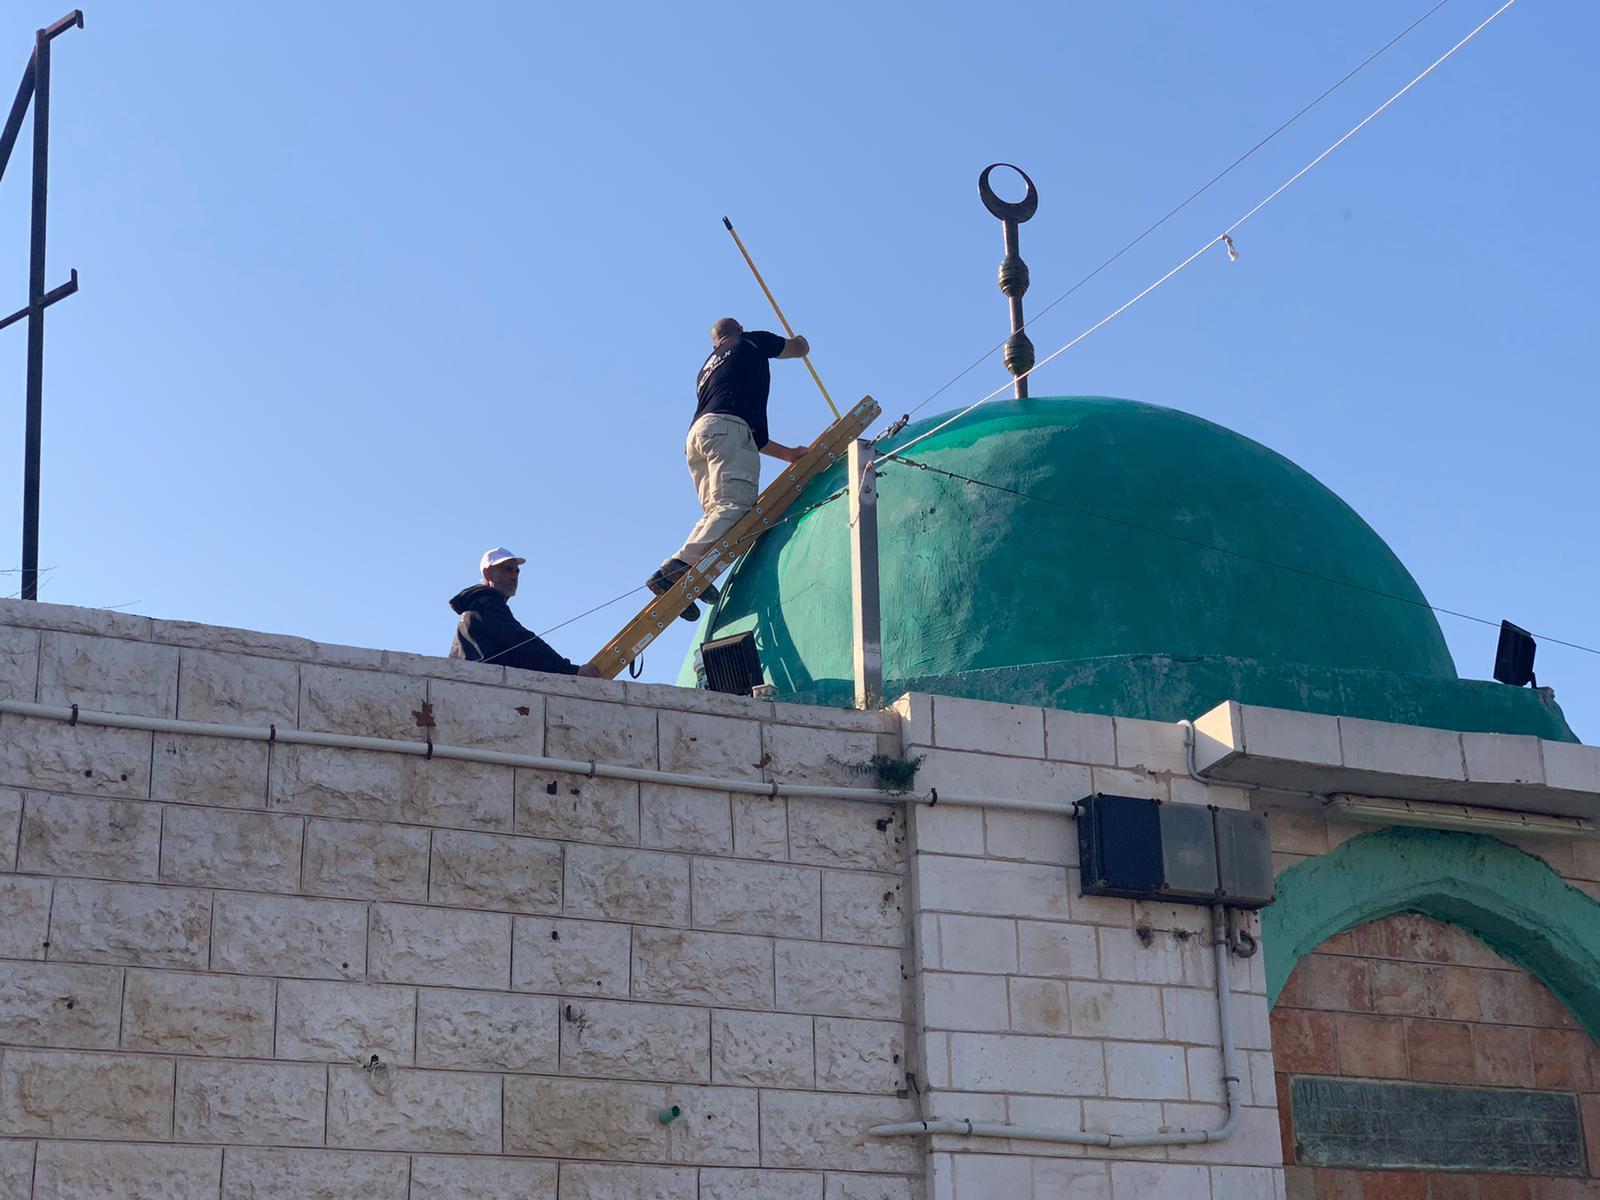 اللد: معسكر الرباط التطوعي ينجز أعماله لحماية المقدسات